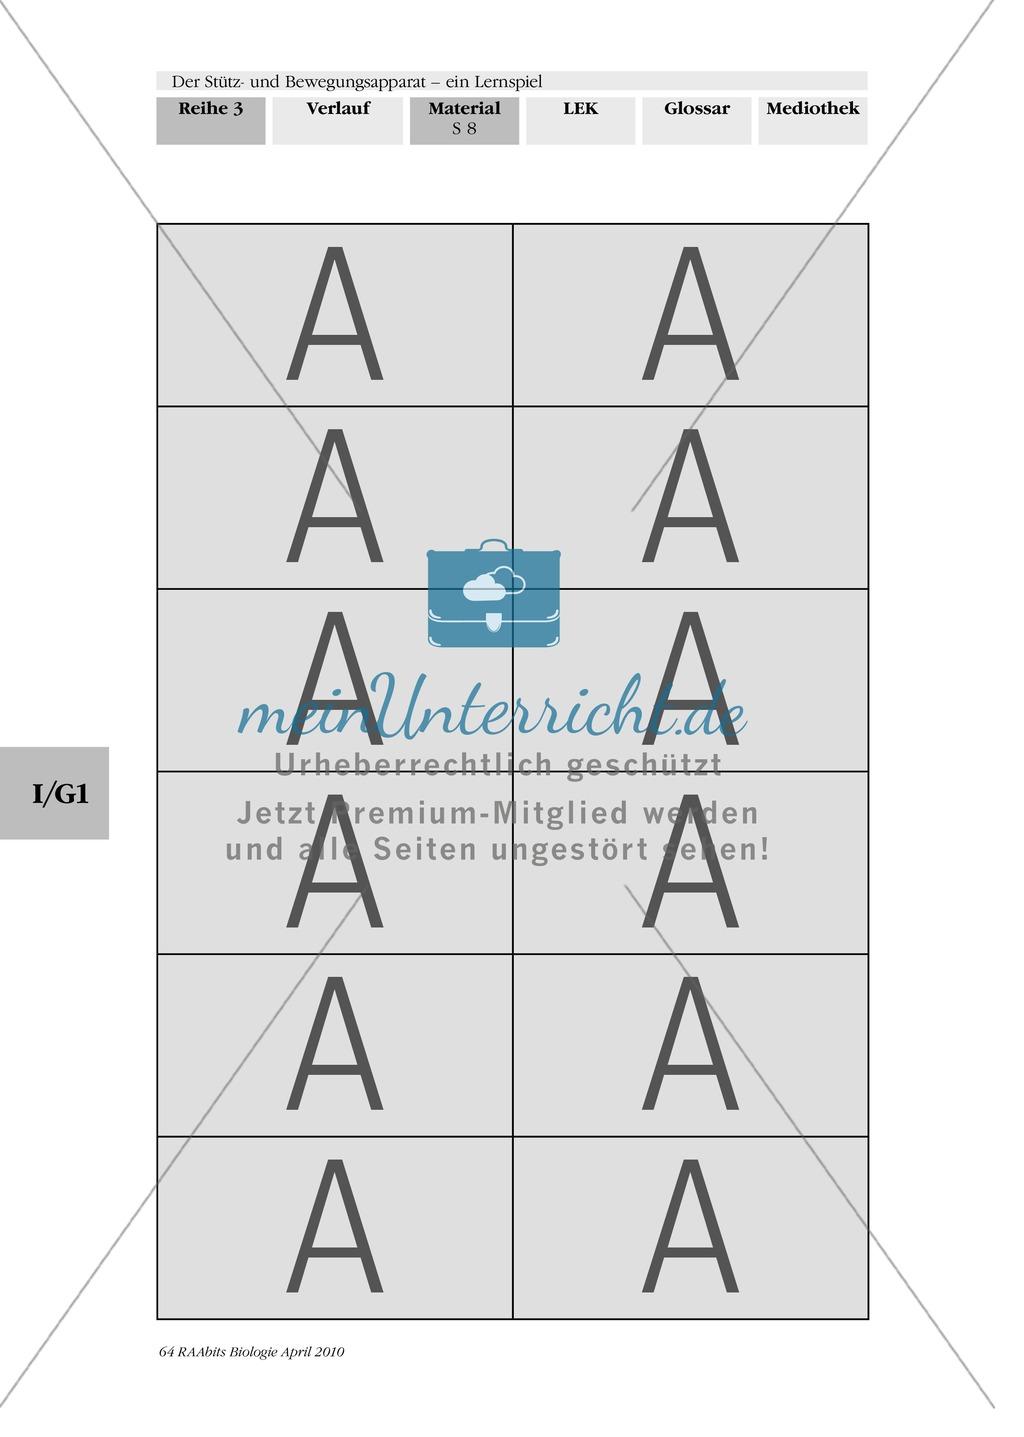 Lernspiel zum Stütz- und Bewegungsapparat: Spielanleitung, Spielfeld, Skelett-Puzzleteile, Fragen, Spielkarten, Röntgenbilder Kontrollbogen, Lösungsbogen Preview 6